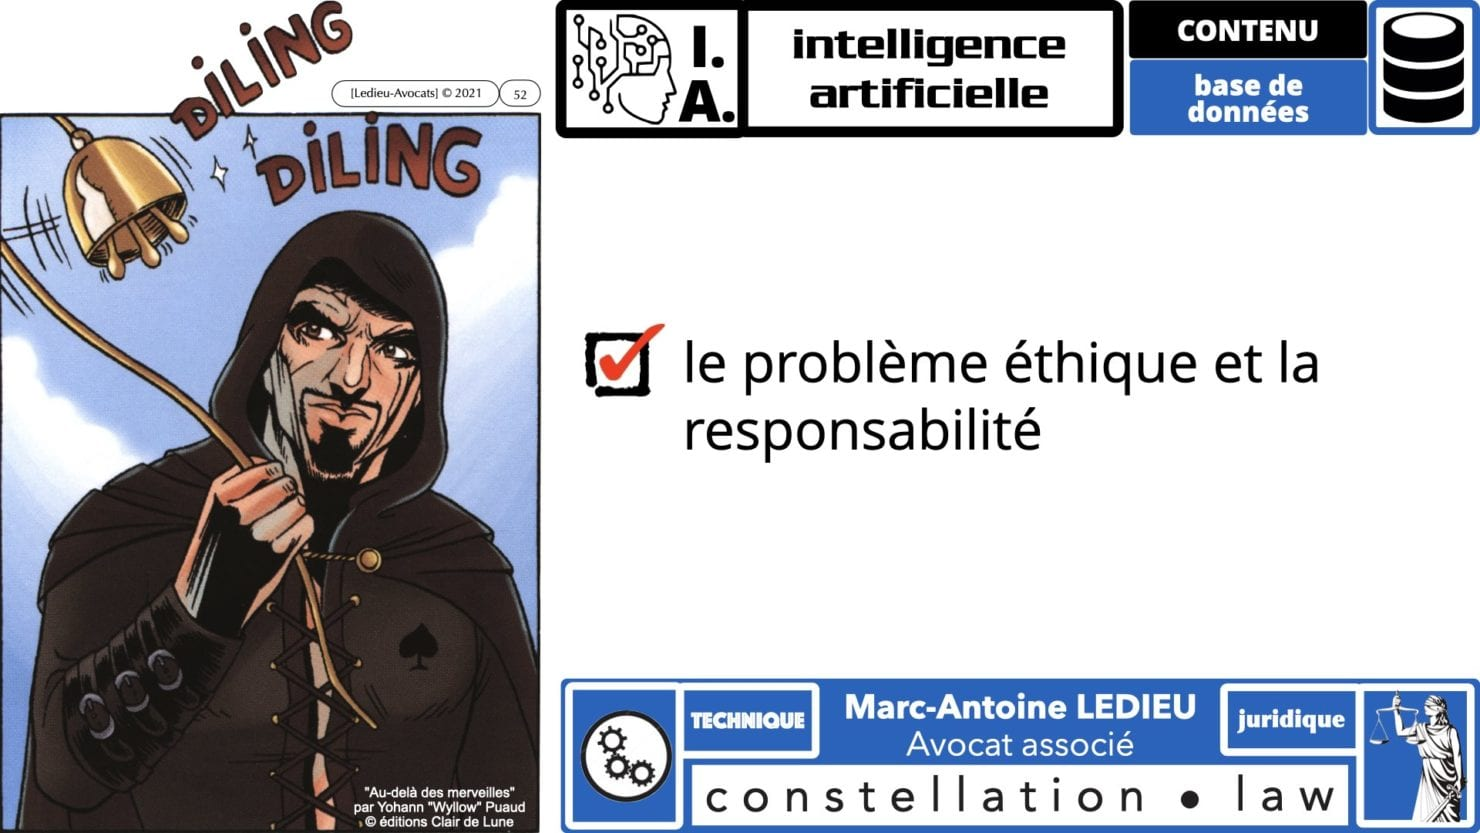 335 Intelligence Artificielle 2021 et AI Act [projet de Règlement UE] deep learning machine learning © Ledieu-Avocats 04-06-2021 *16:9*.052